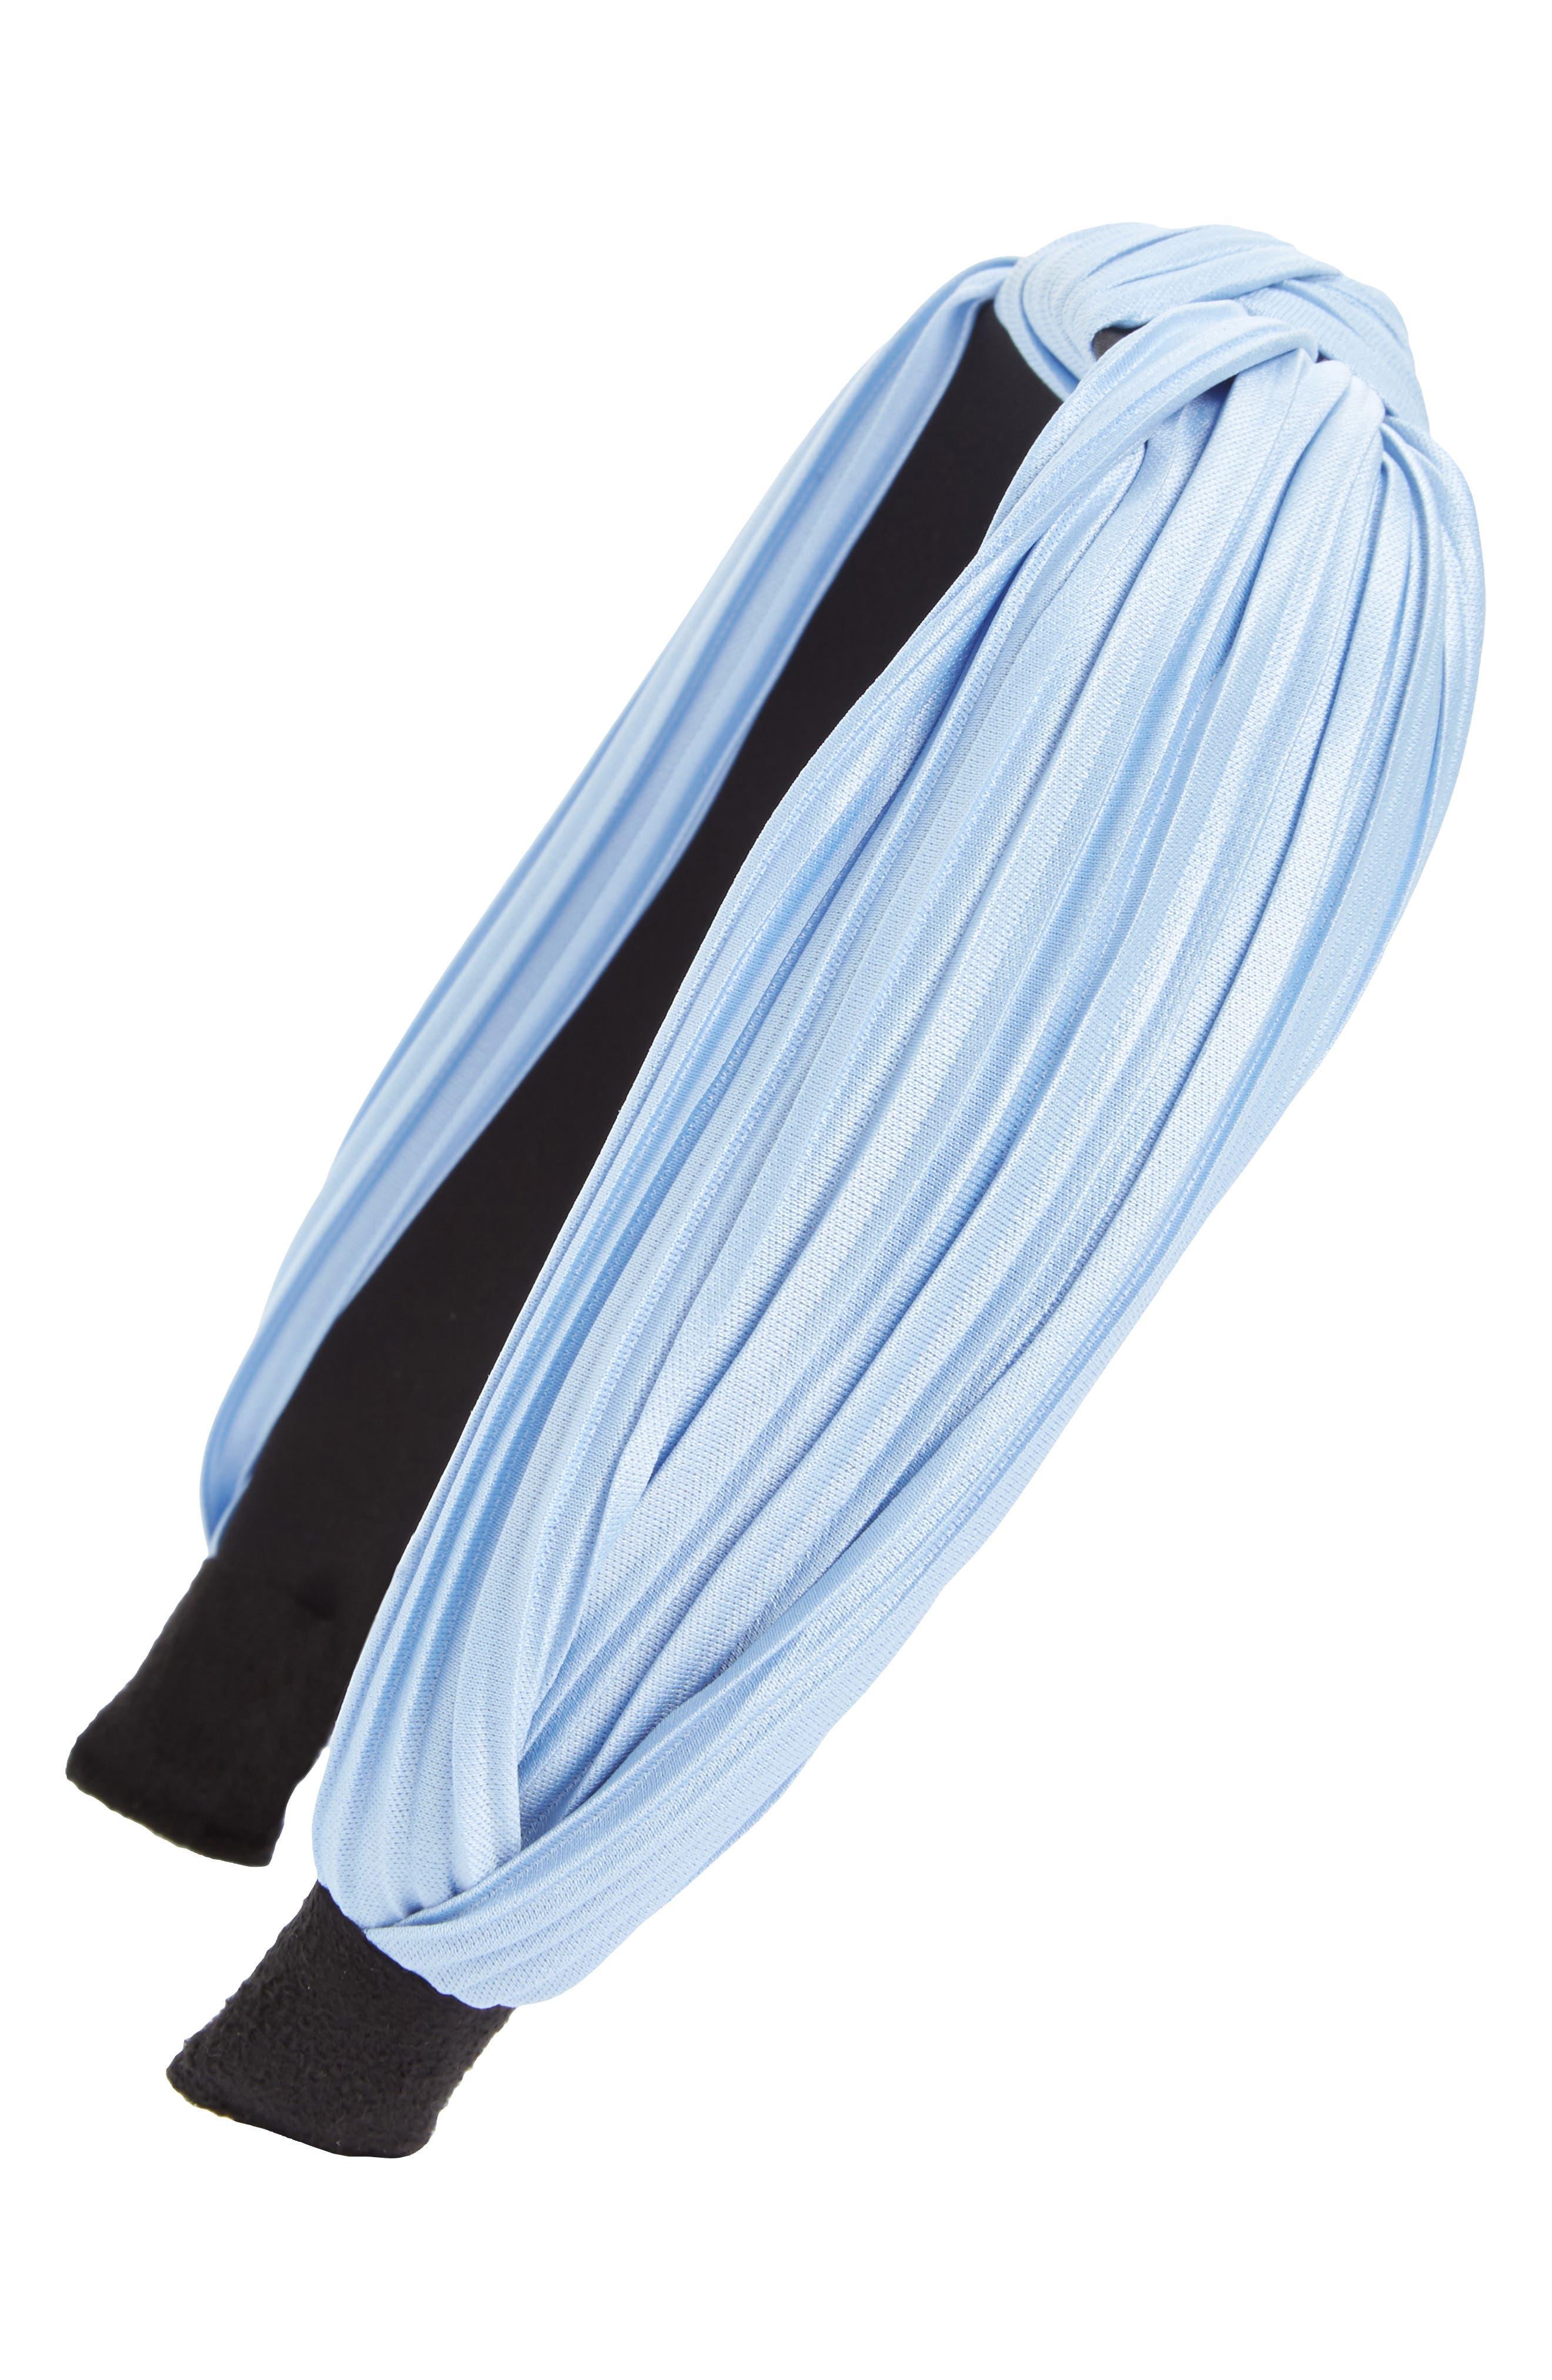 CARA Pleated Knot Headband, Main, color, 400